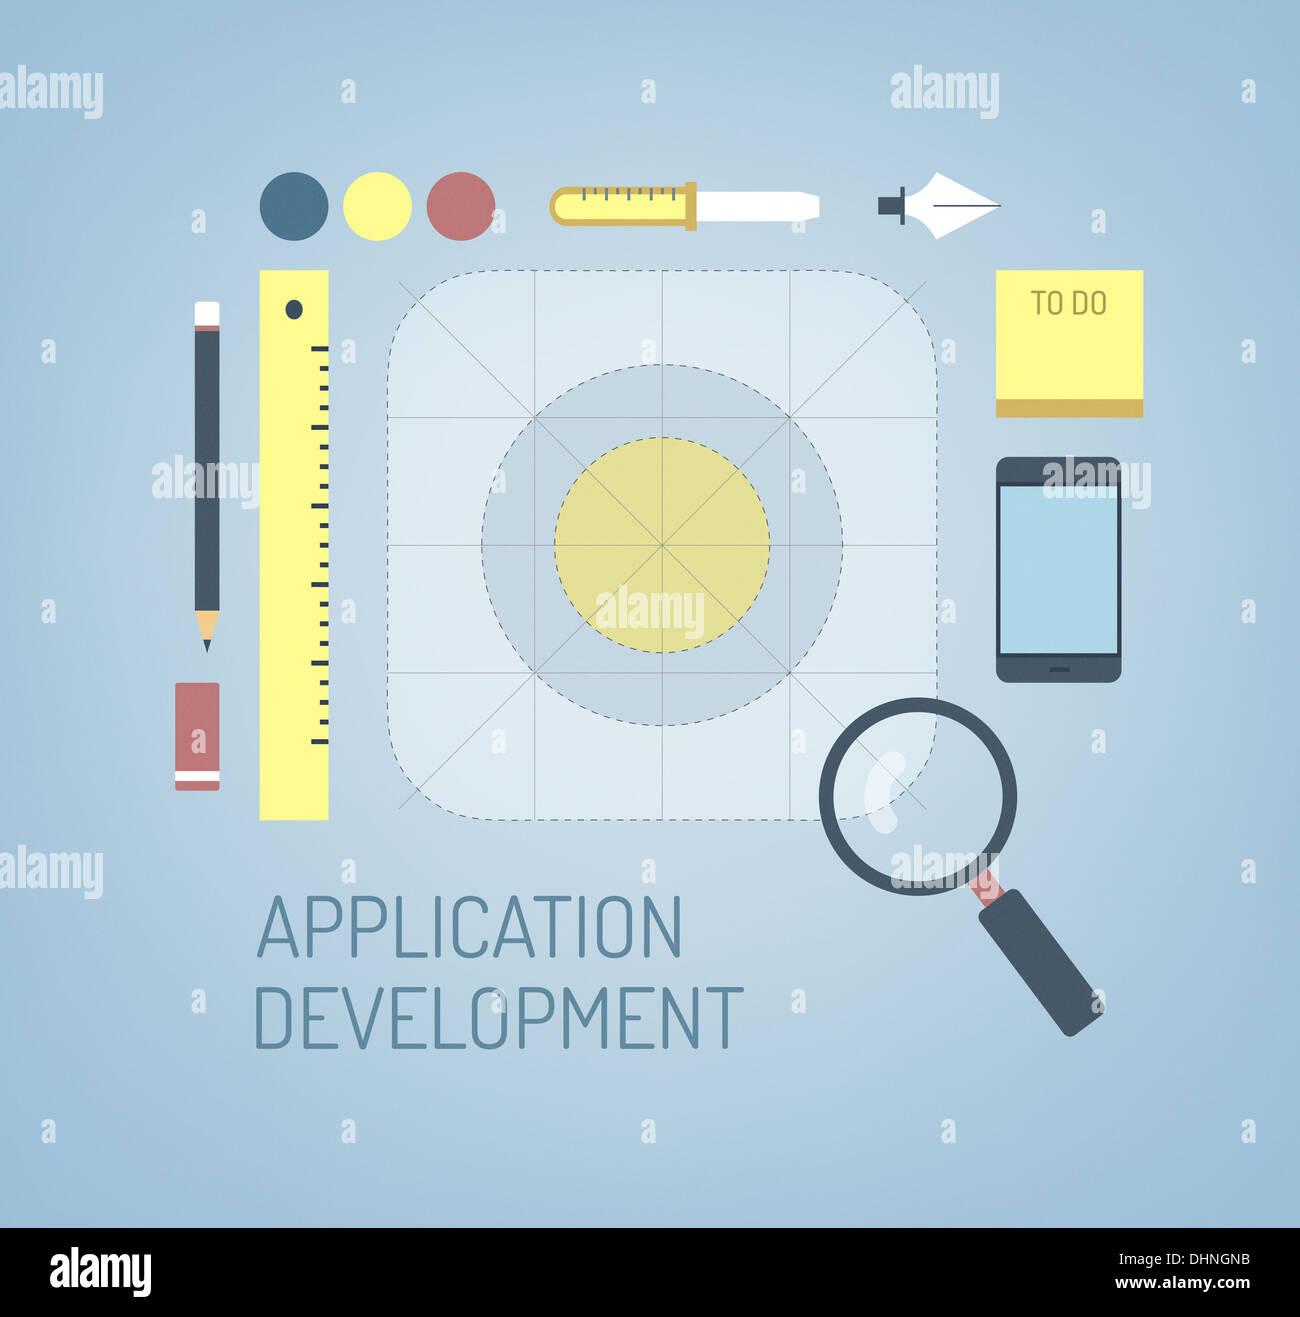 Moderne Illustration Konzept der Suche, Kreation und Entwicklung verarbeiten ein neues Programmsymbol für mobile Schnittstelle Stockbild